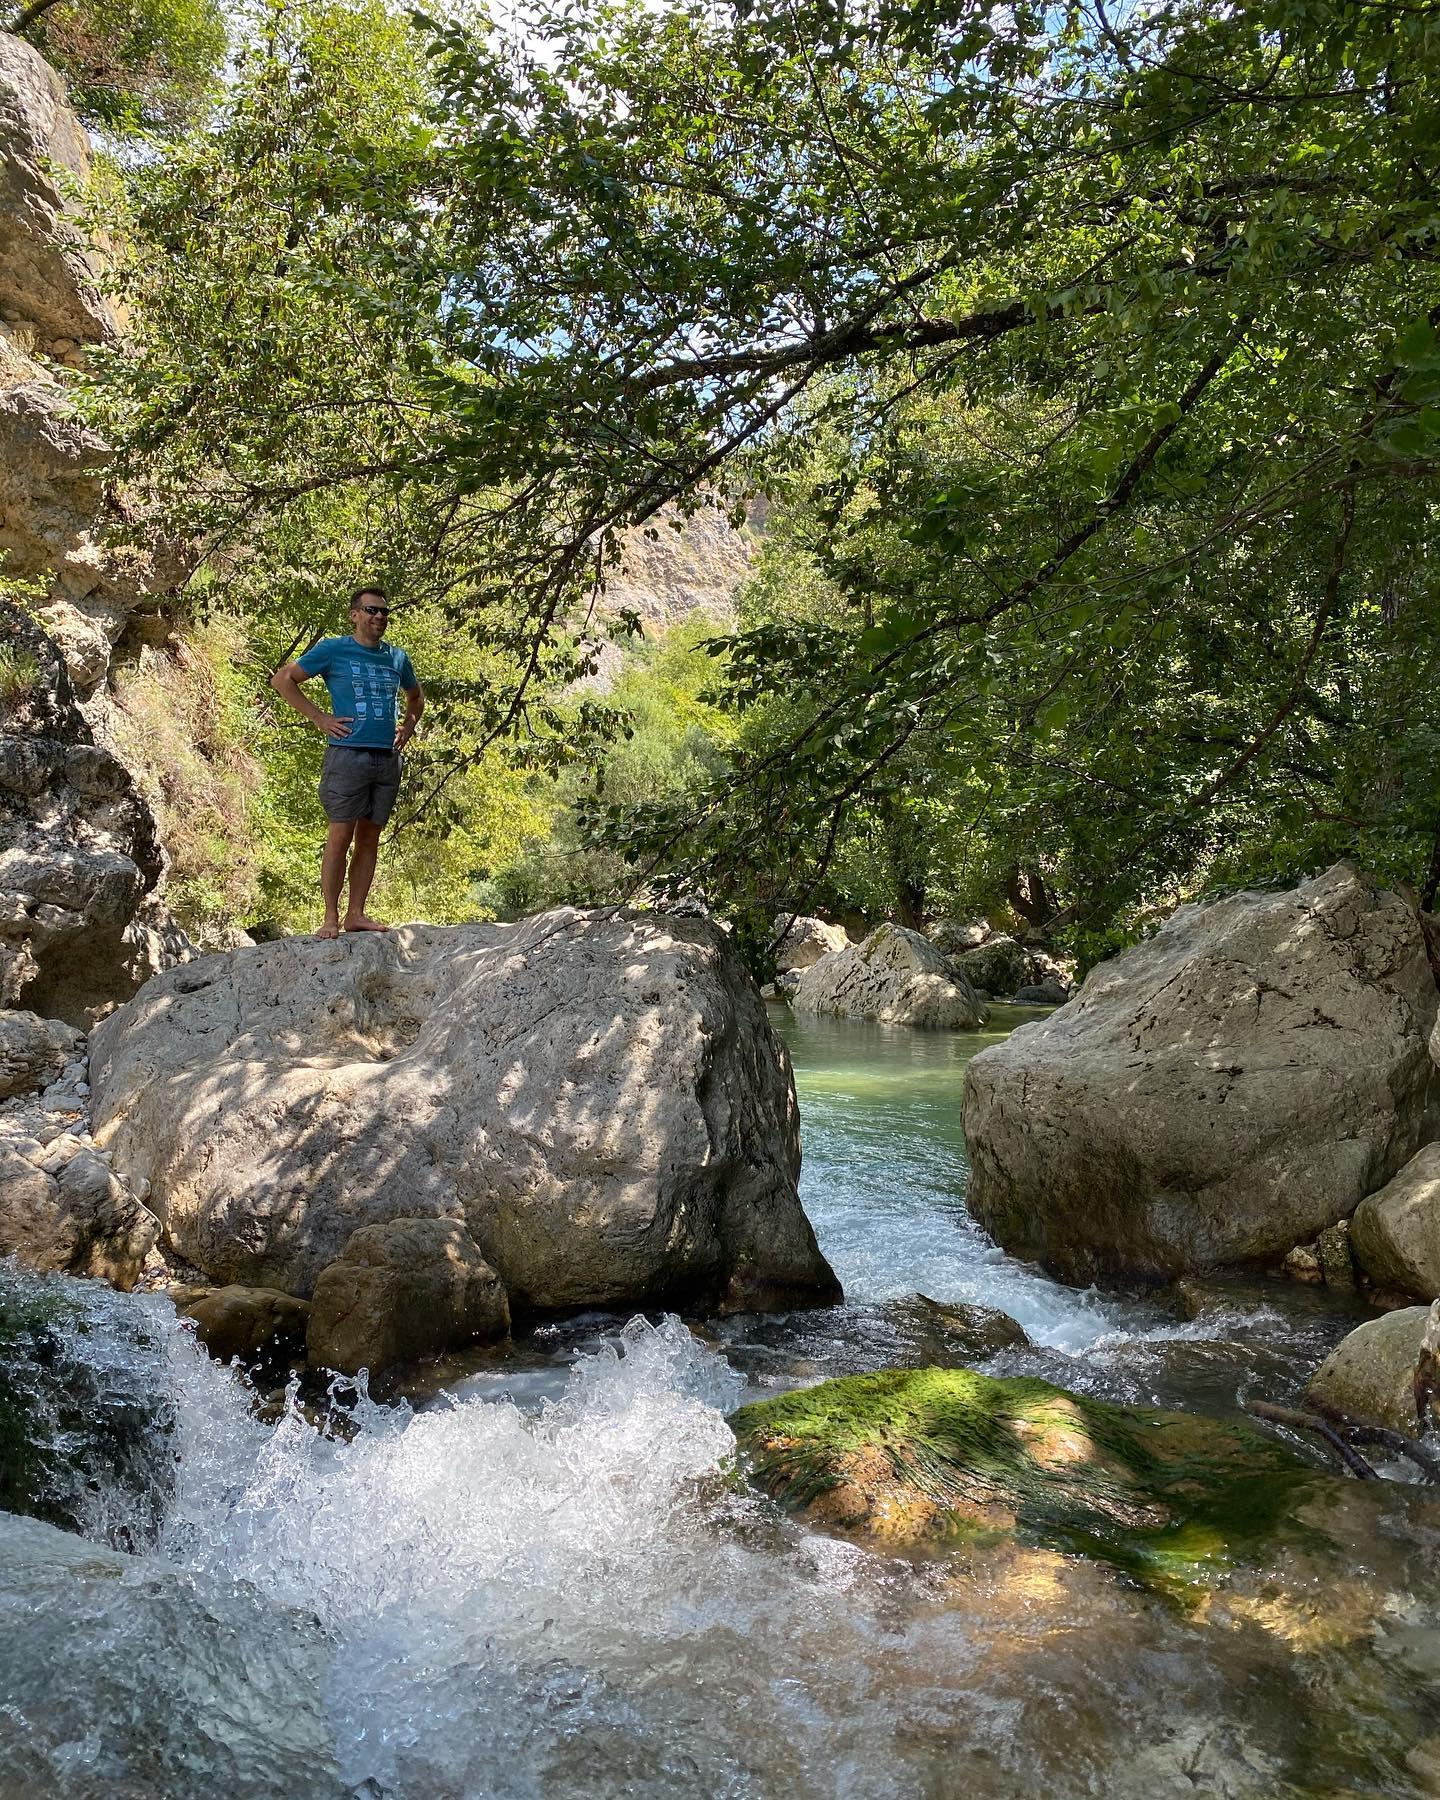 Fille de rivière - quand on parle baignade, à choisir, je préfère les rivières à la mer. J'aime leur beauté sauvage + leur fraicheur ne me dérange pas + je m'y amuse davantage. Nous avons délaissé les galets de Nice pour aller à la découverte des rochers du saut du loup. On a passé une super journée et on vous recommande le coin :).